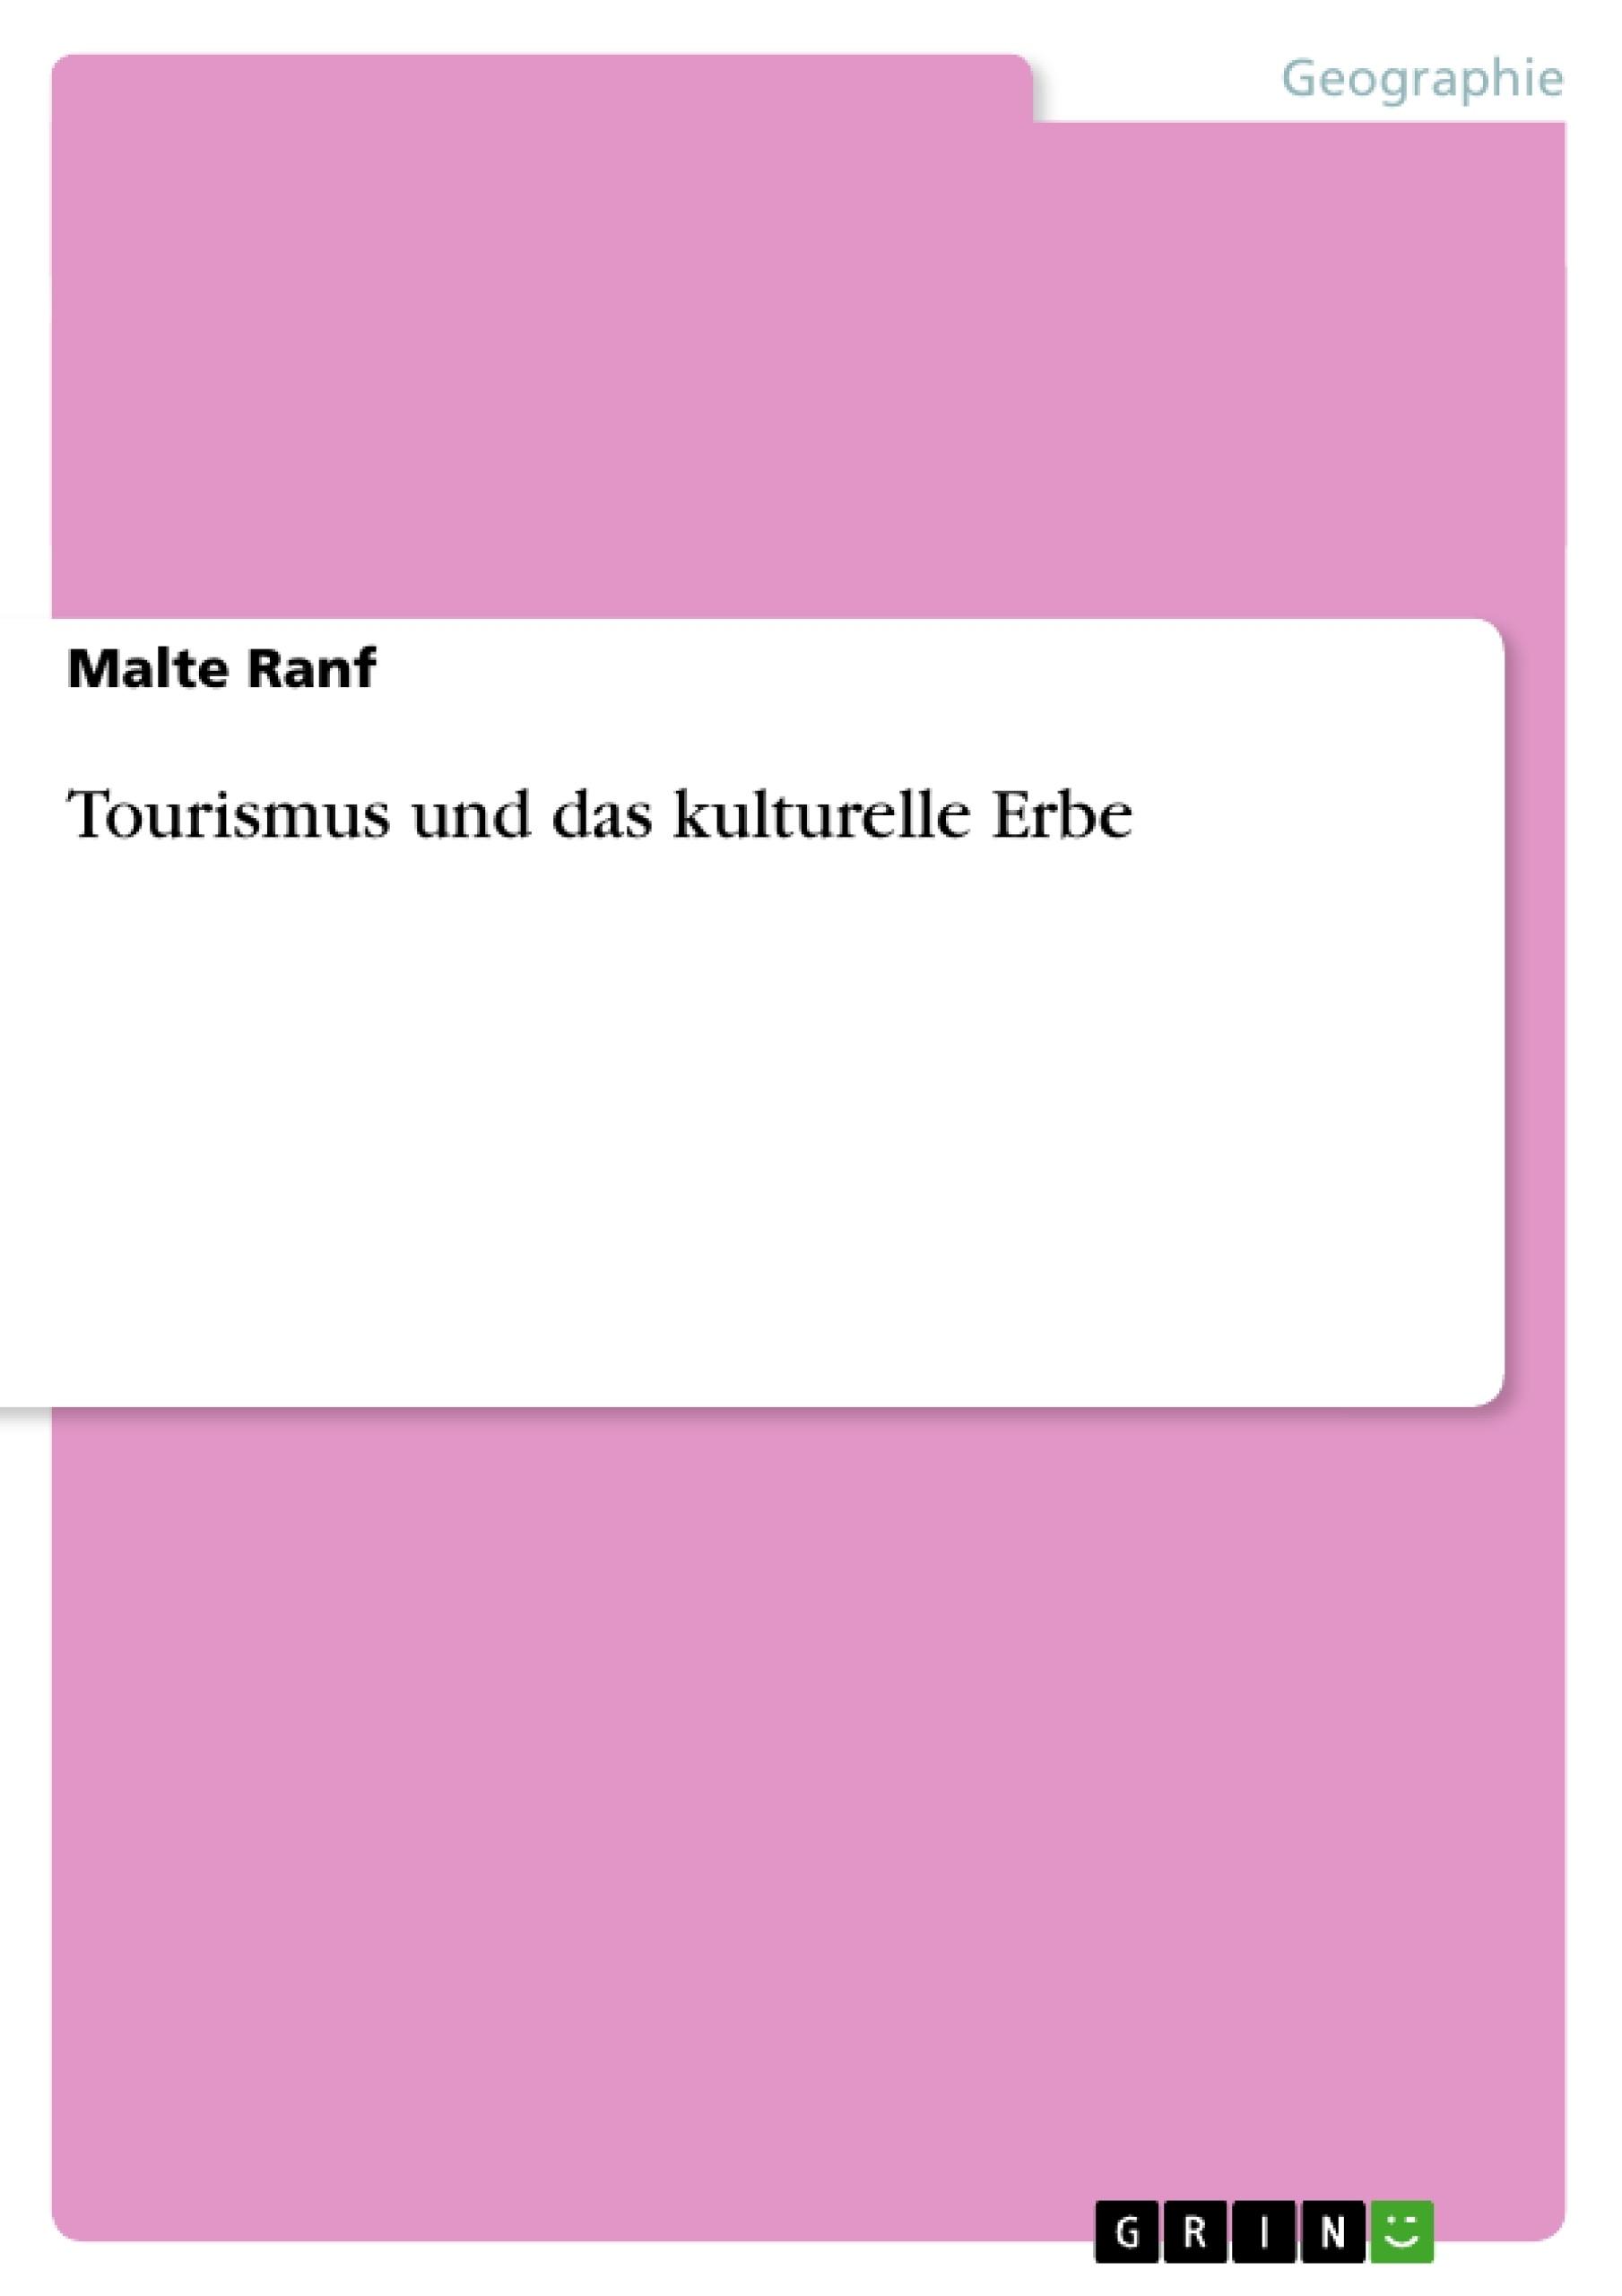 Titel: Tourismus und das kulturelle Erbe